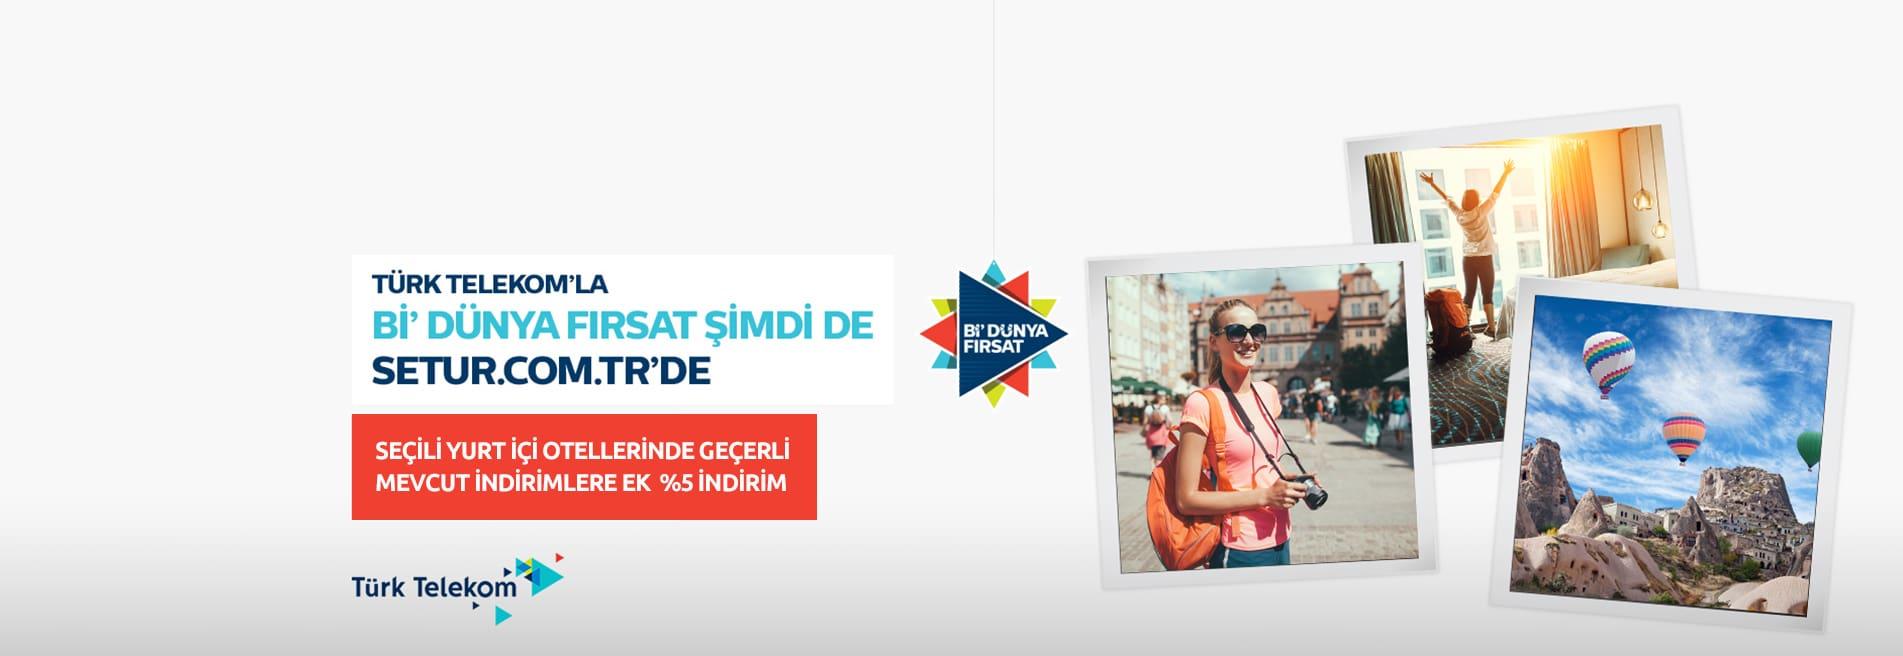 turk telekom setur kampanyasi